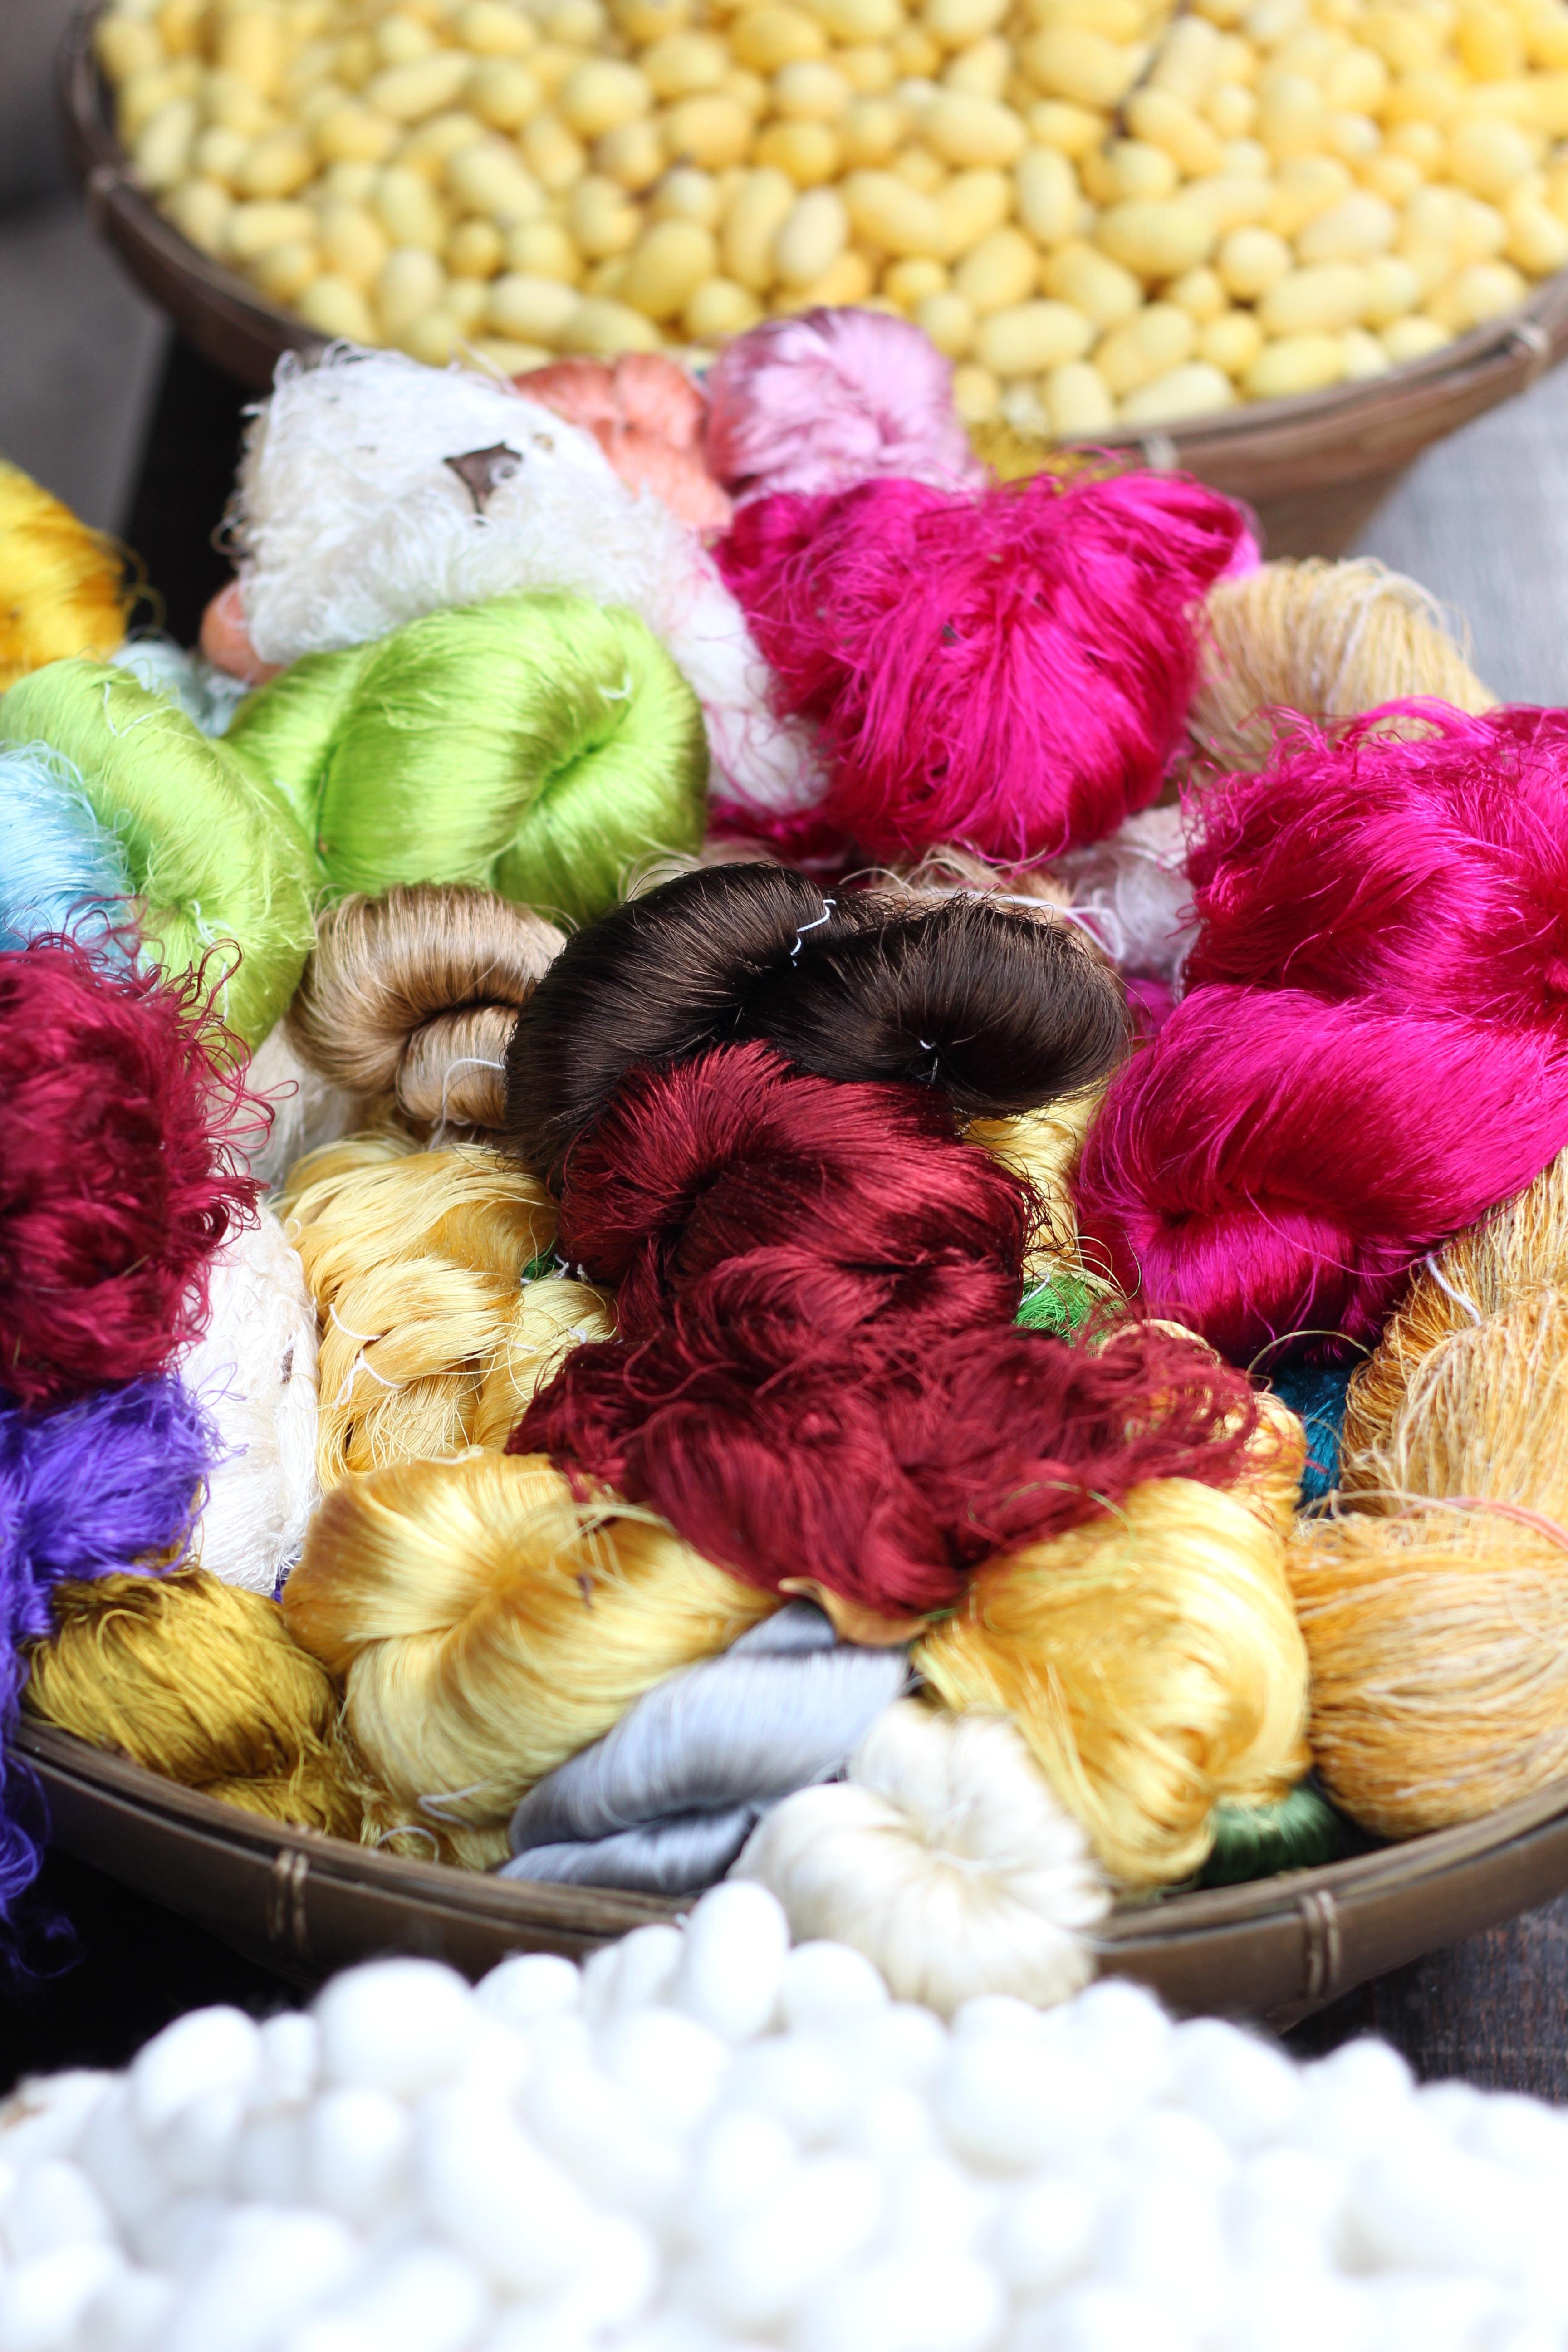 Fotos gratis : flor, pétalo, material, tela, hilo, tejer, textil ...